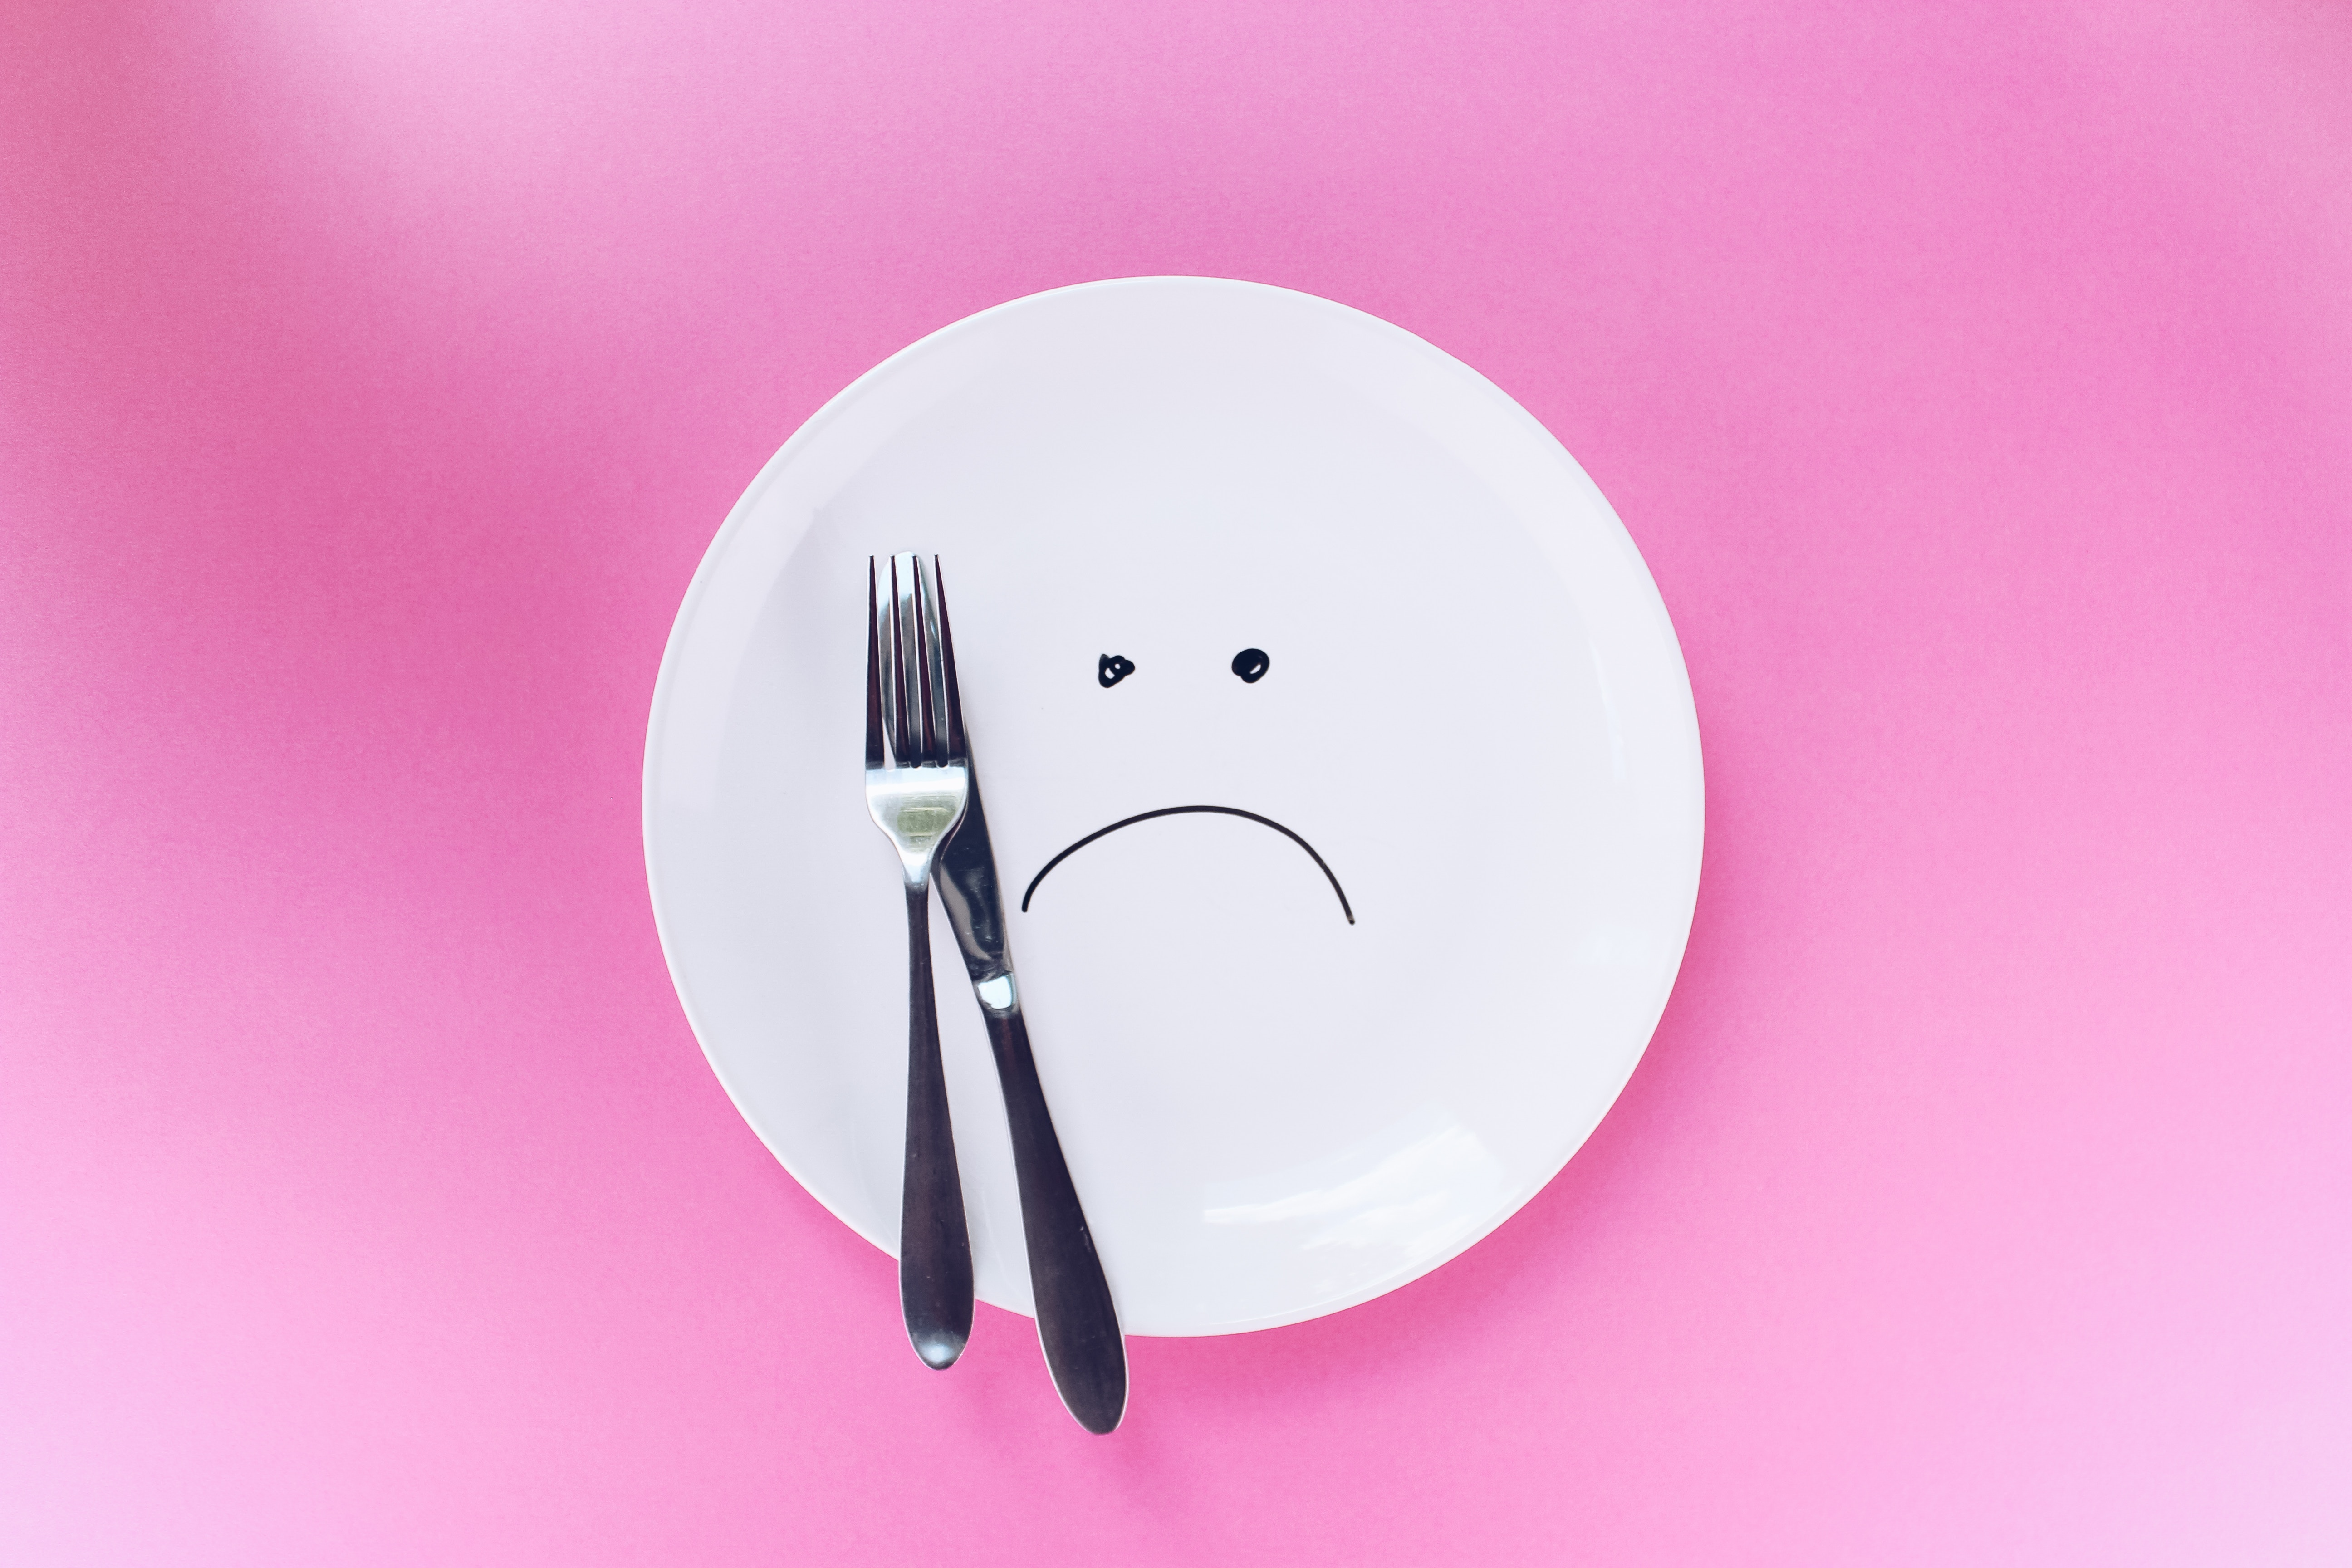 Udowodniono, że ludzie z otyłością są rażąco dehumanizowani